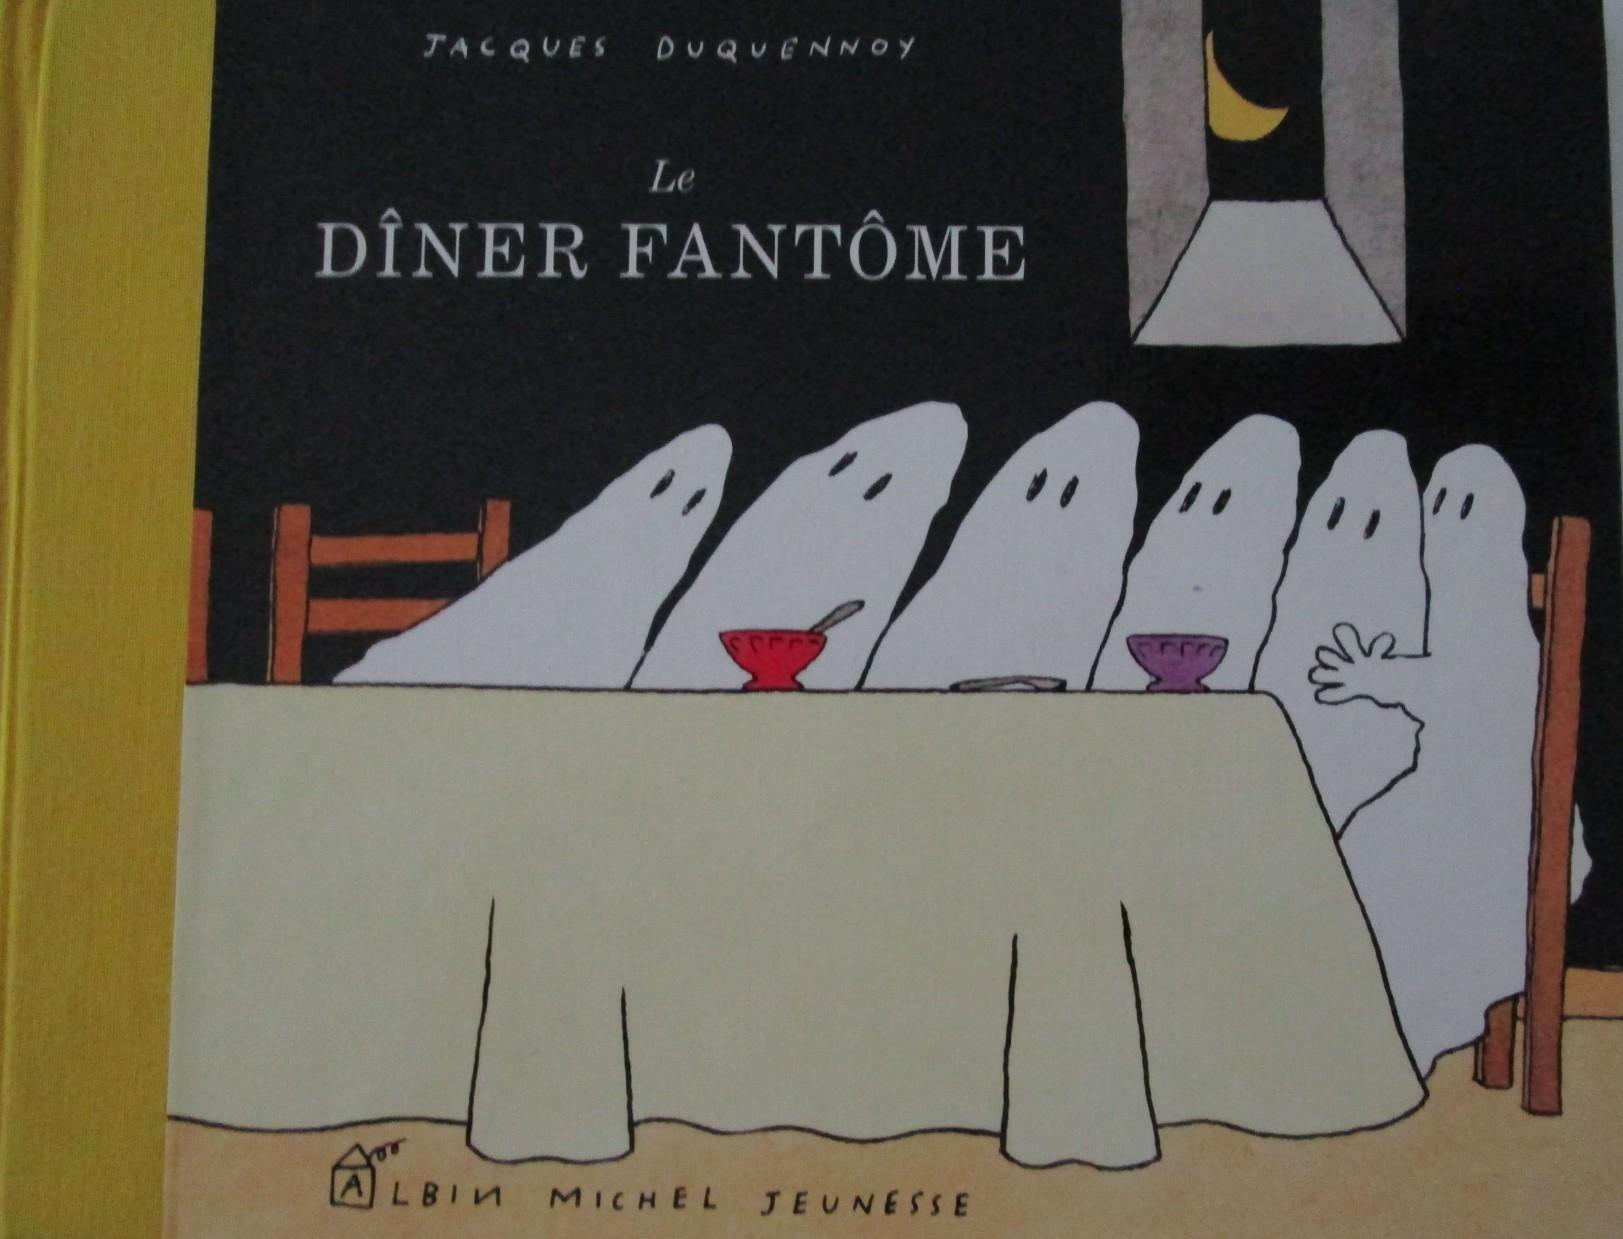 Le Diner Fantome Jacques Duquennoy Albin Michel Jeunesse